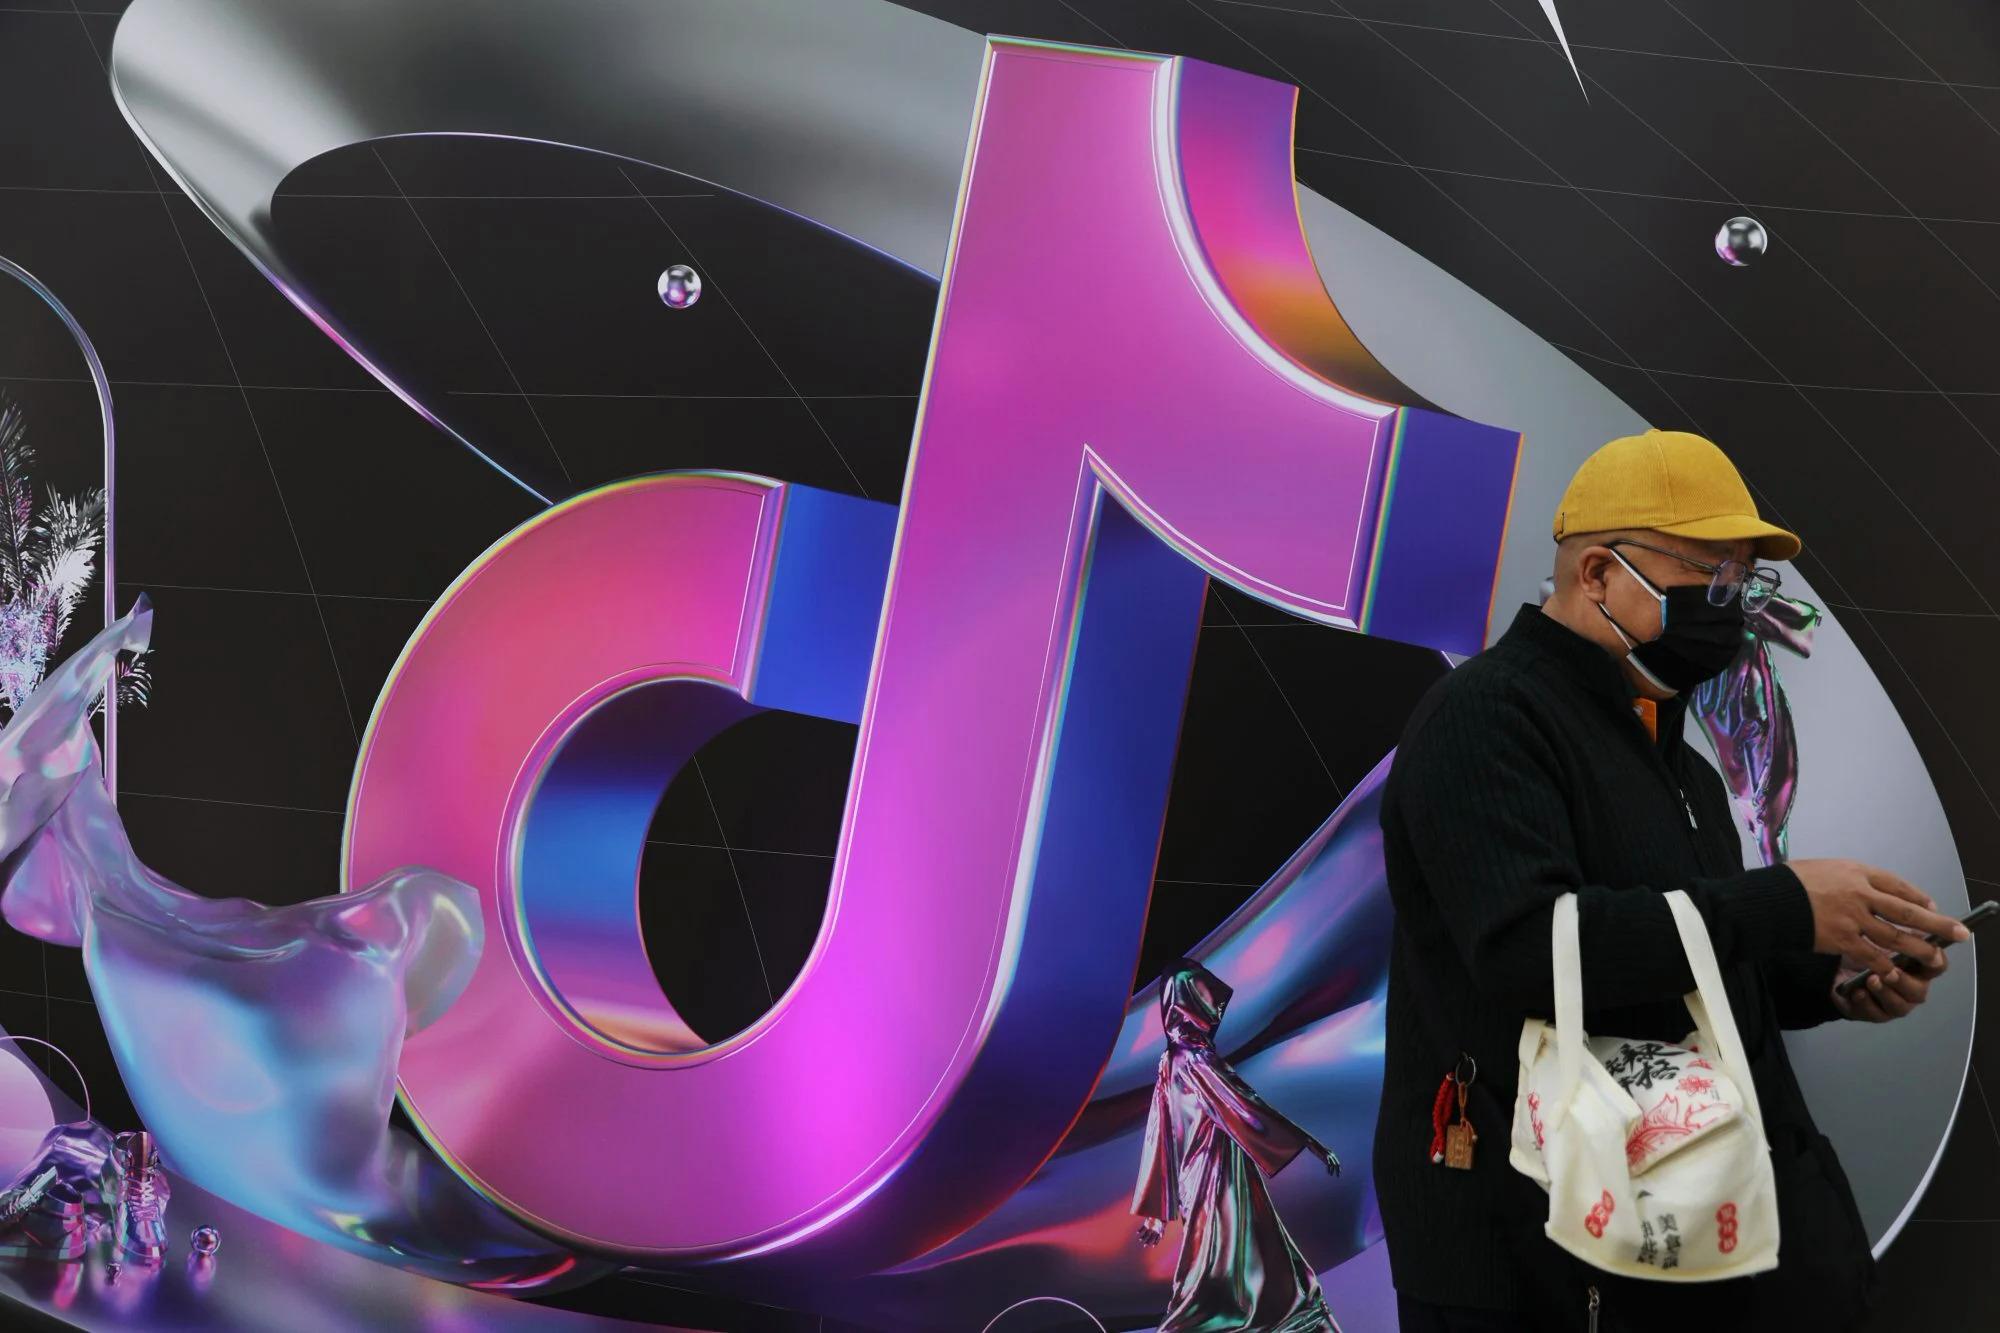 Một người đàn ông đứng gần tấm biển khổng lồ của ứng dụng TikTok của ByteDance, được biết đến với tên gọi địa phương là Douyin, ở Bắc Kinh, Trung Quốc, vào ngày 31 tháng 3 năm 2021. Ảnh: Reuters